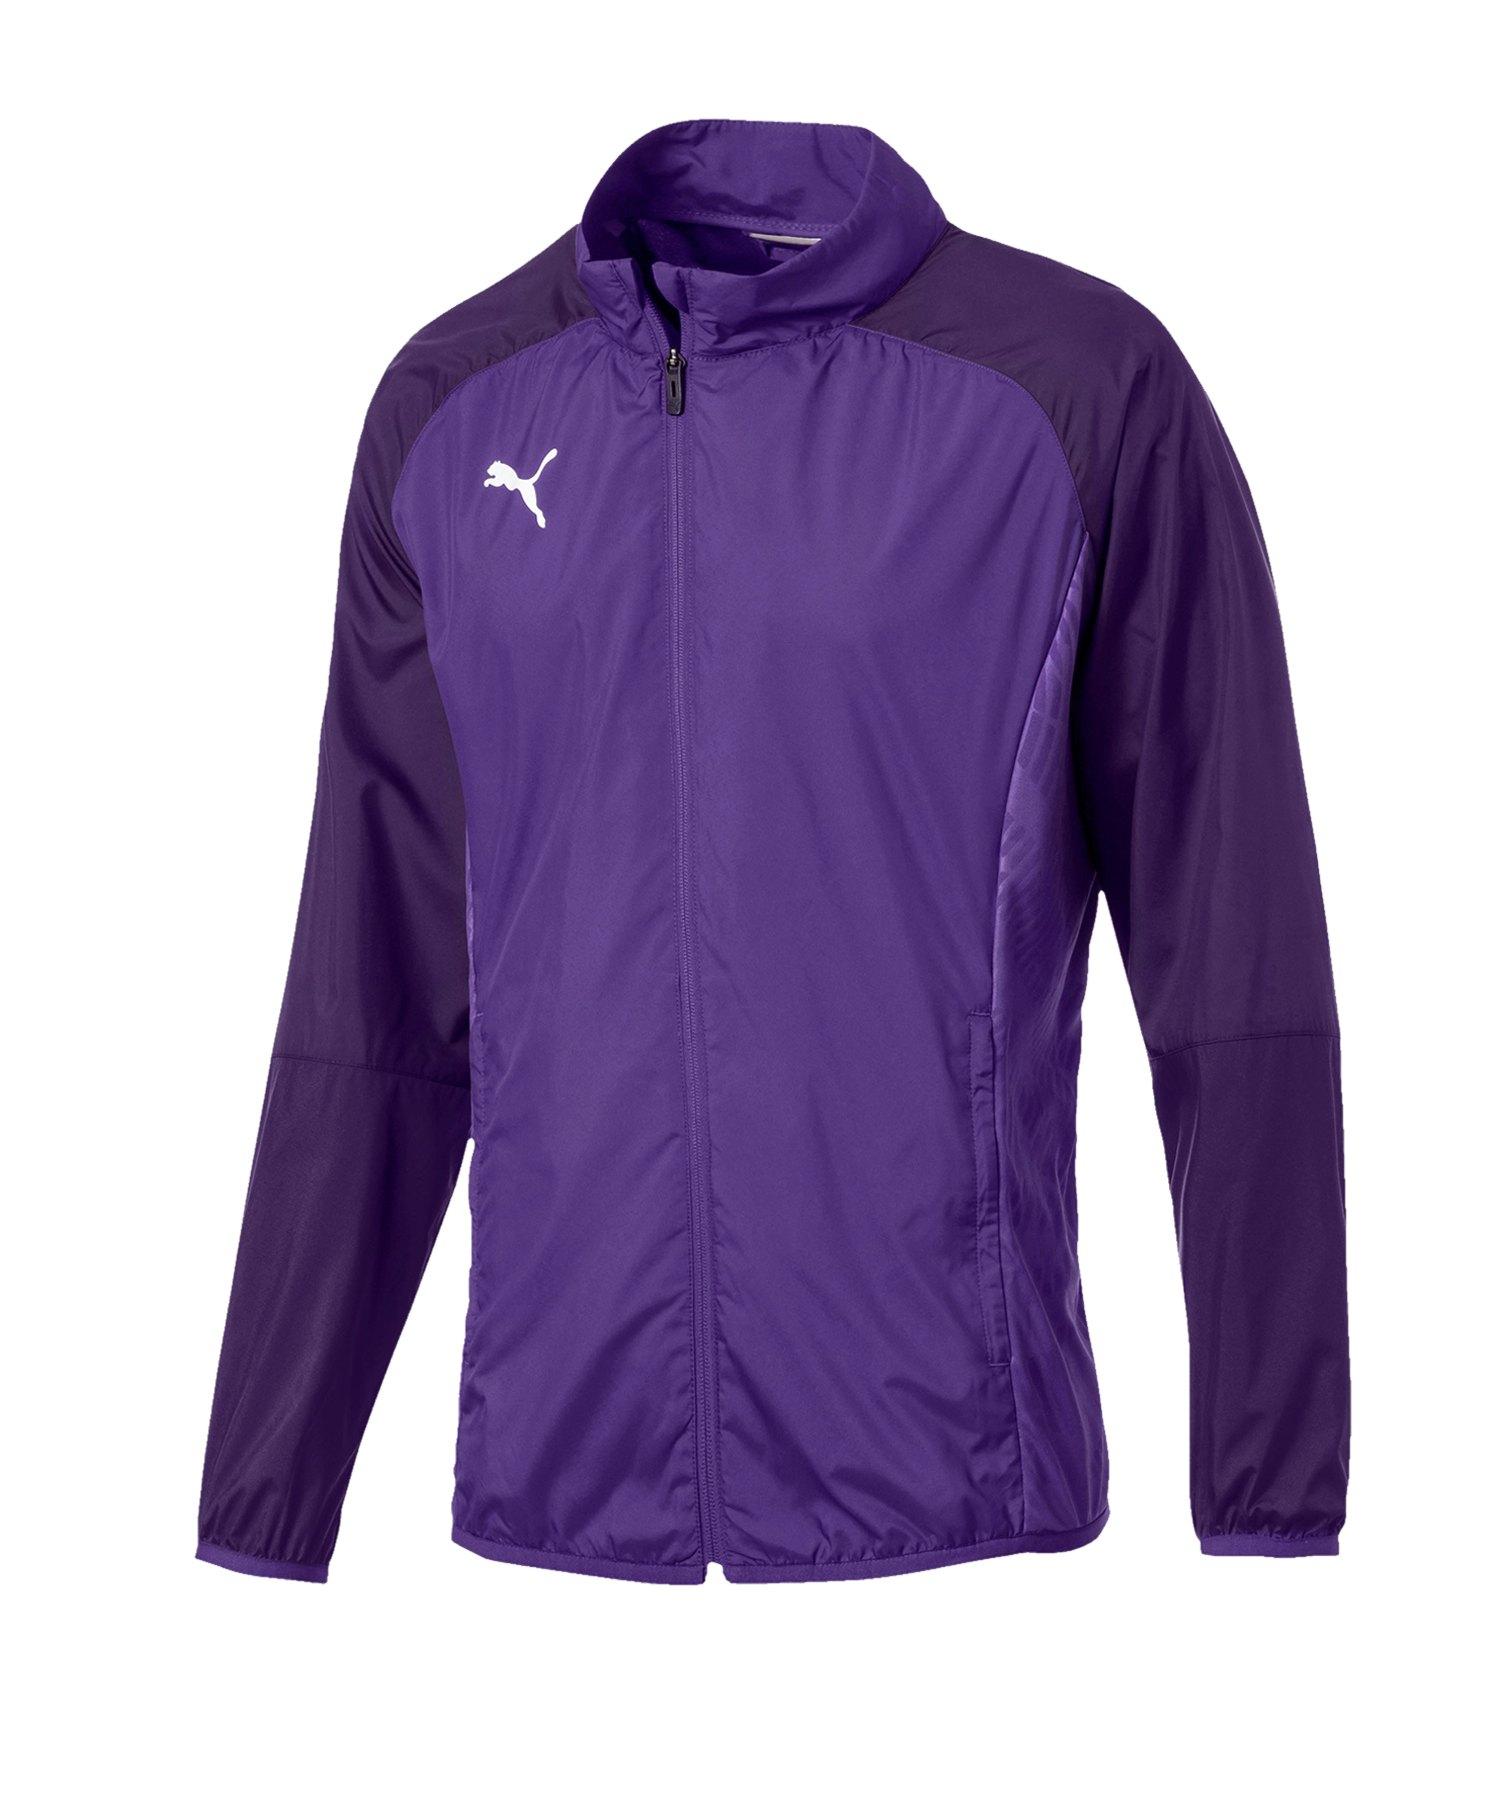 PUMA CUP Sideline Core Woven Jacket Lila F10 - lila